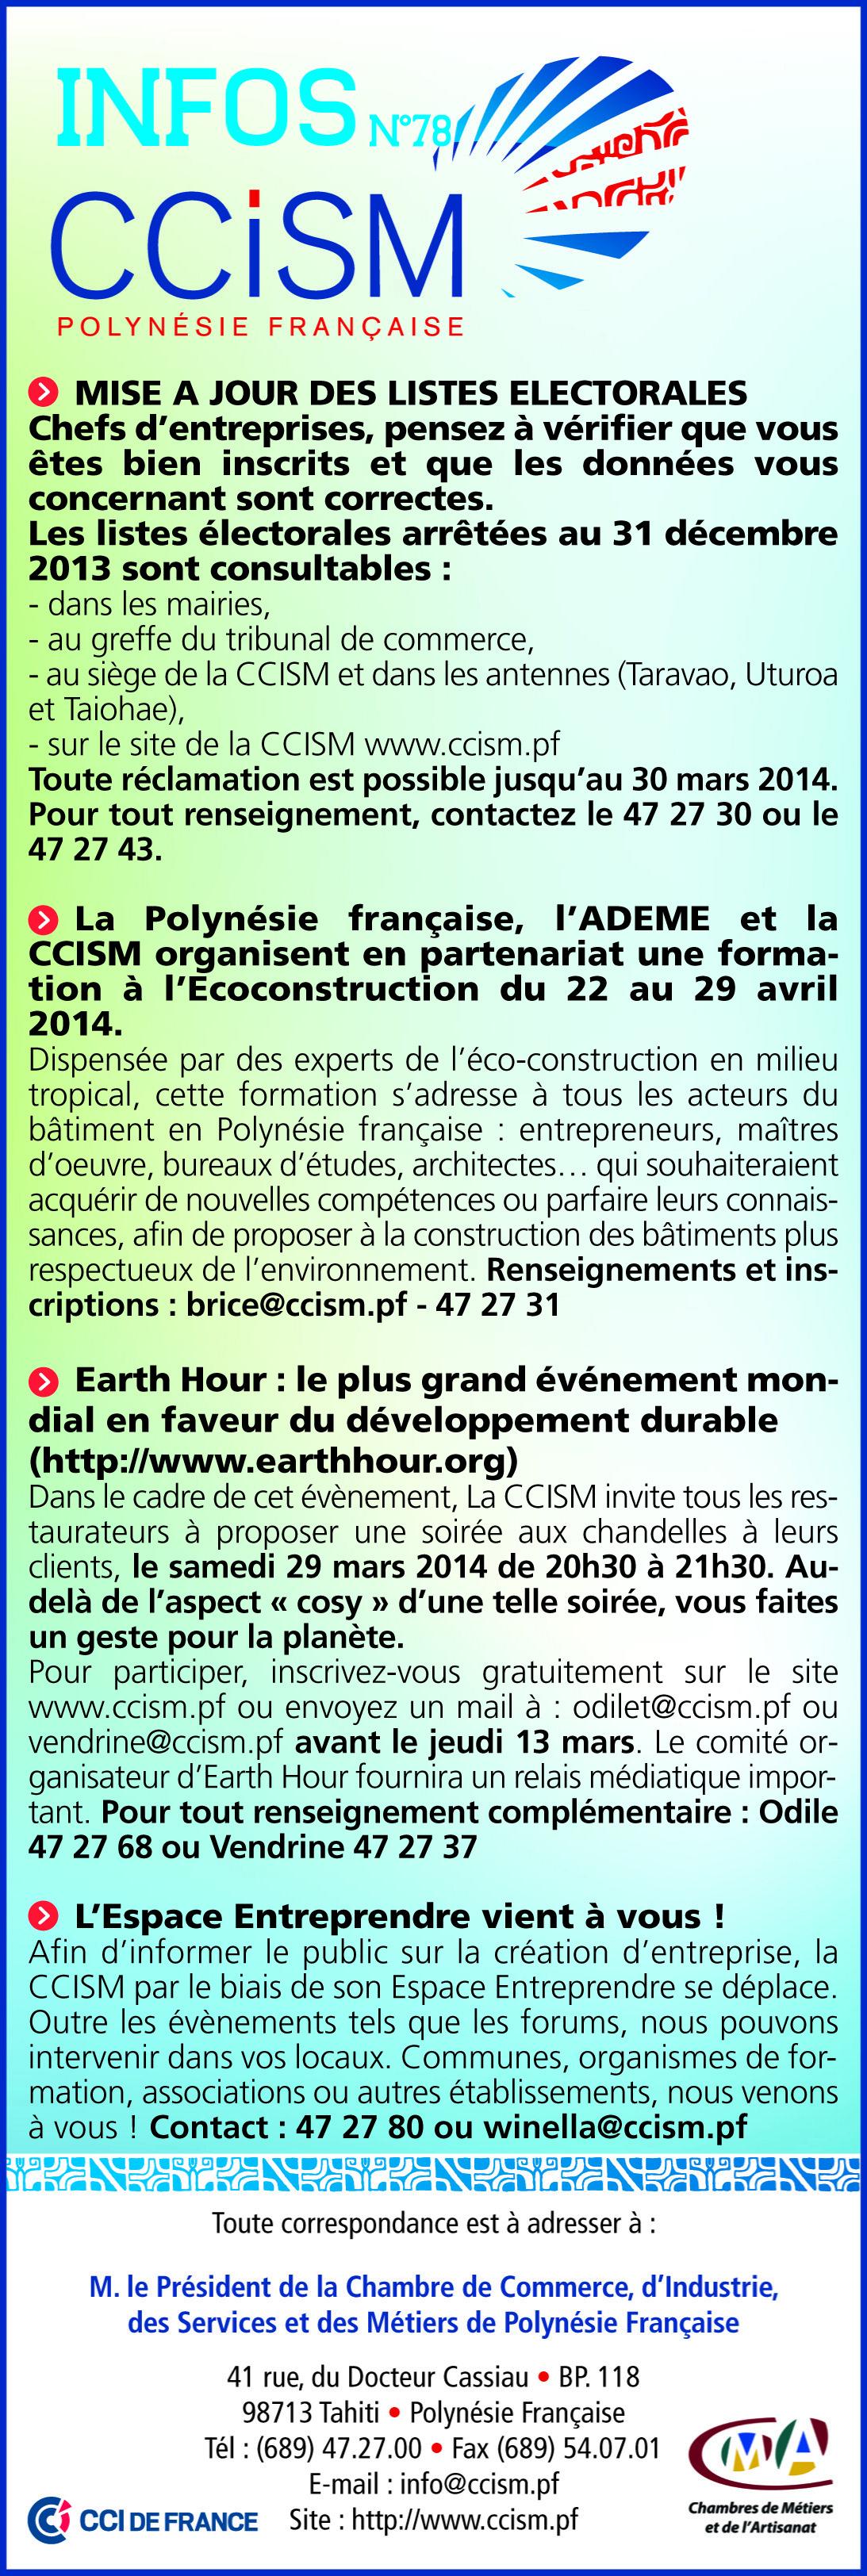 Infos CCISM N°78